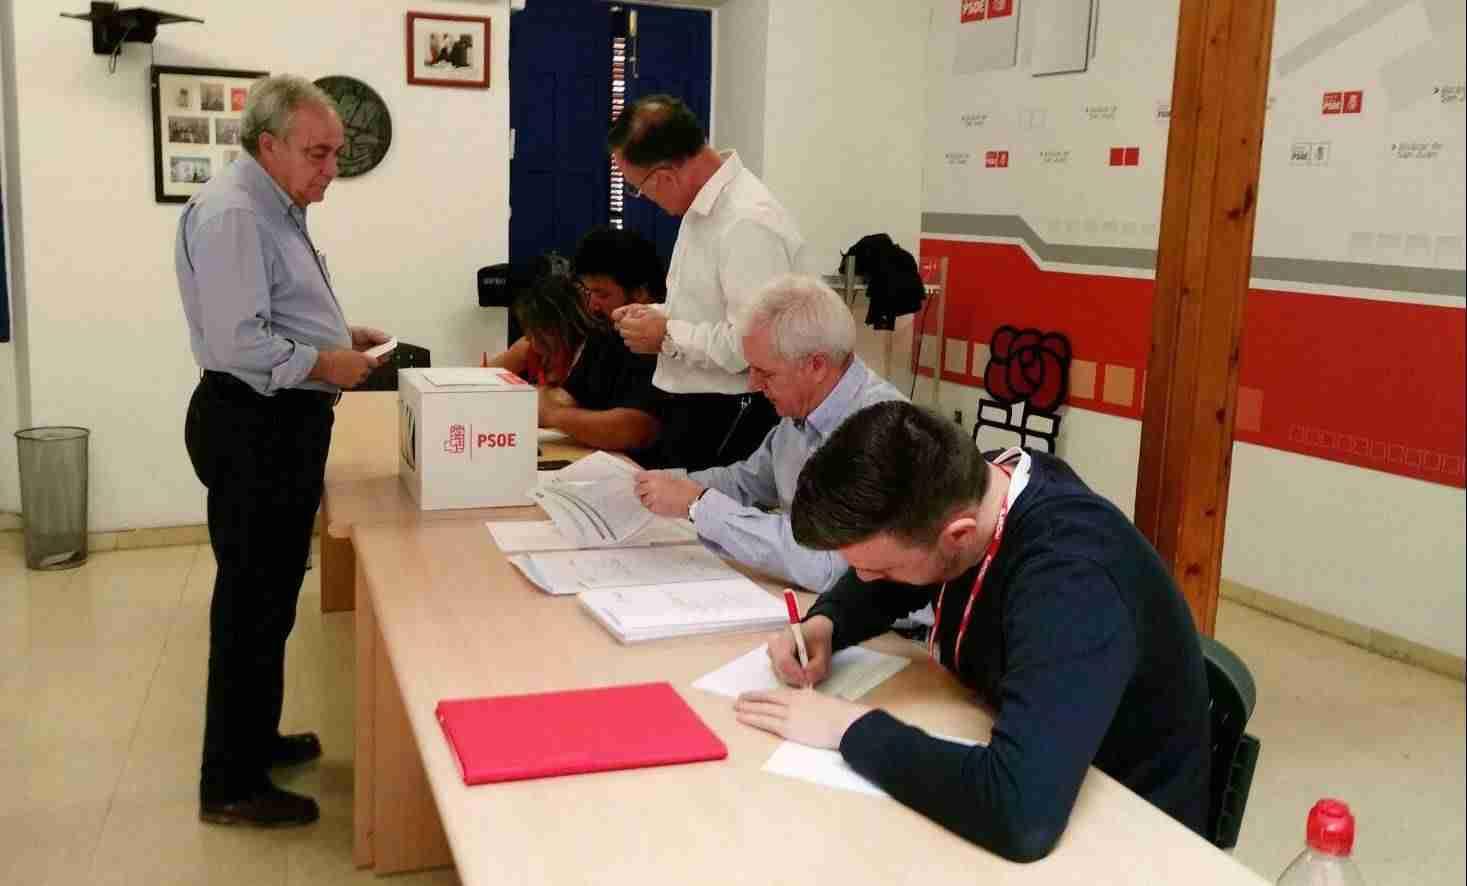 votacion primarias psoe alcazar 1 - PSOE de Alcázar participa activamente en las Primarias del partido